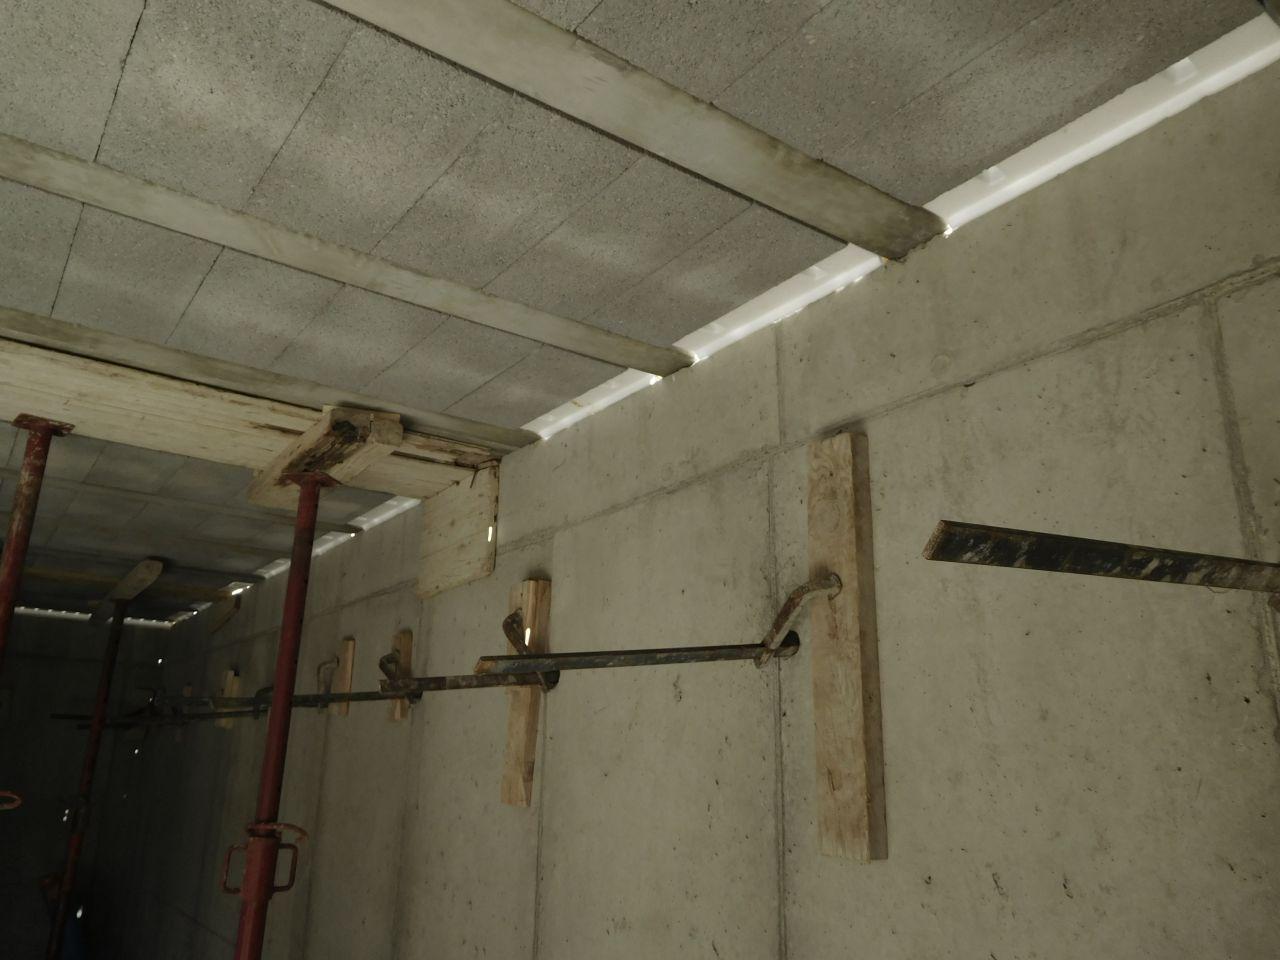 Poutrelles et hourdis béton du plancher haut du sous-sol. <br /> On voit bien les rupteurs en about.